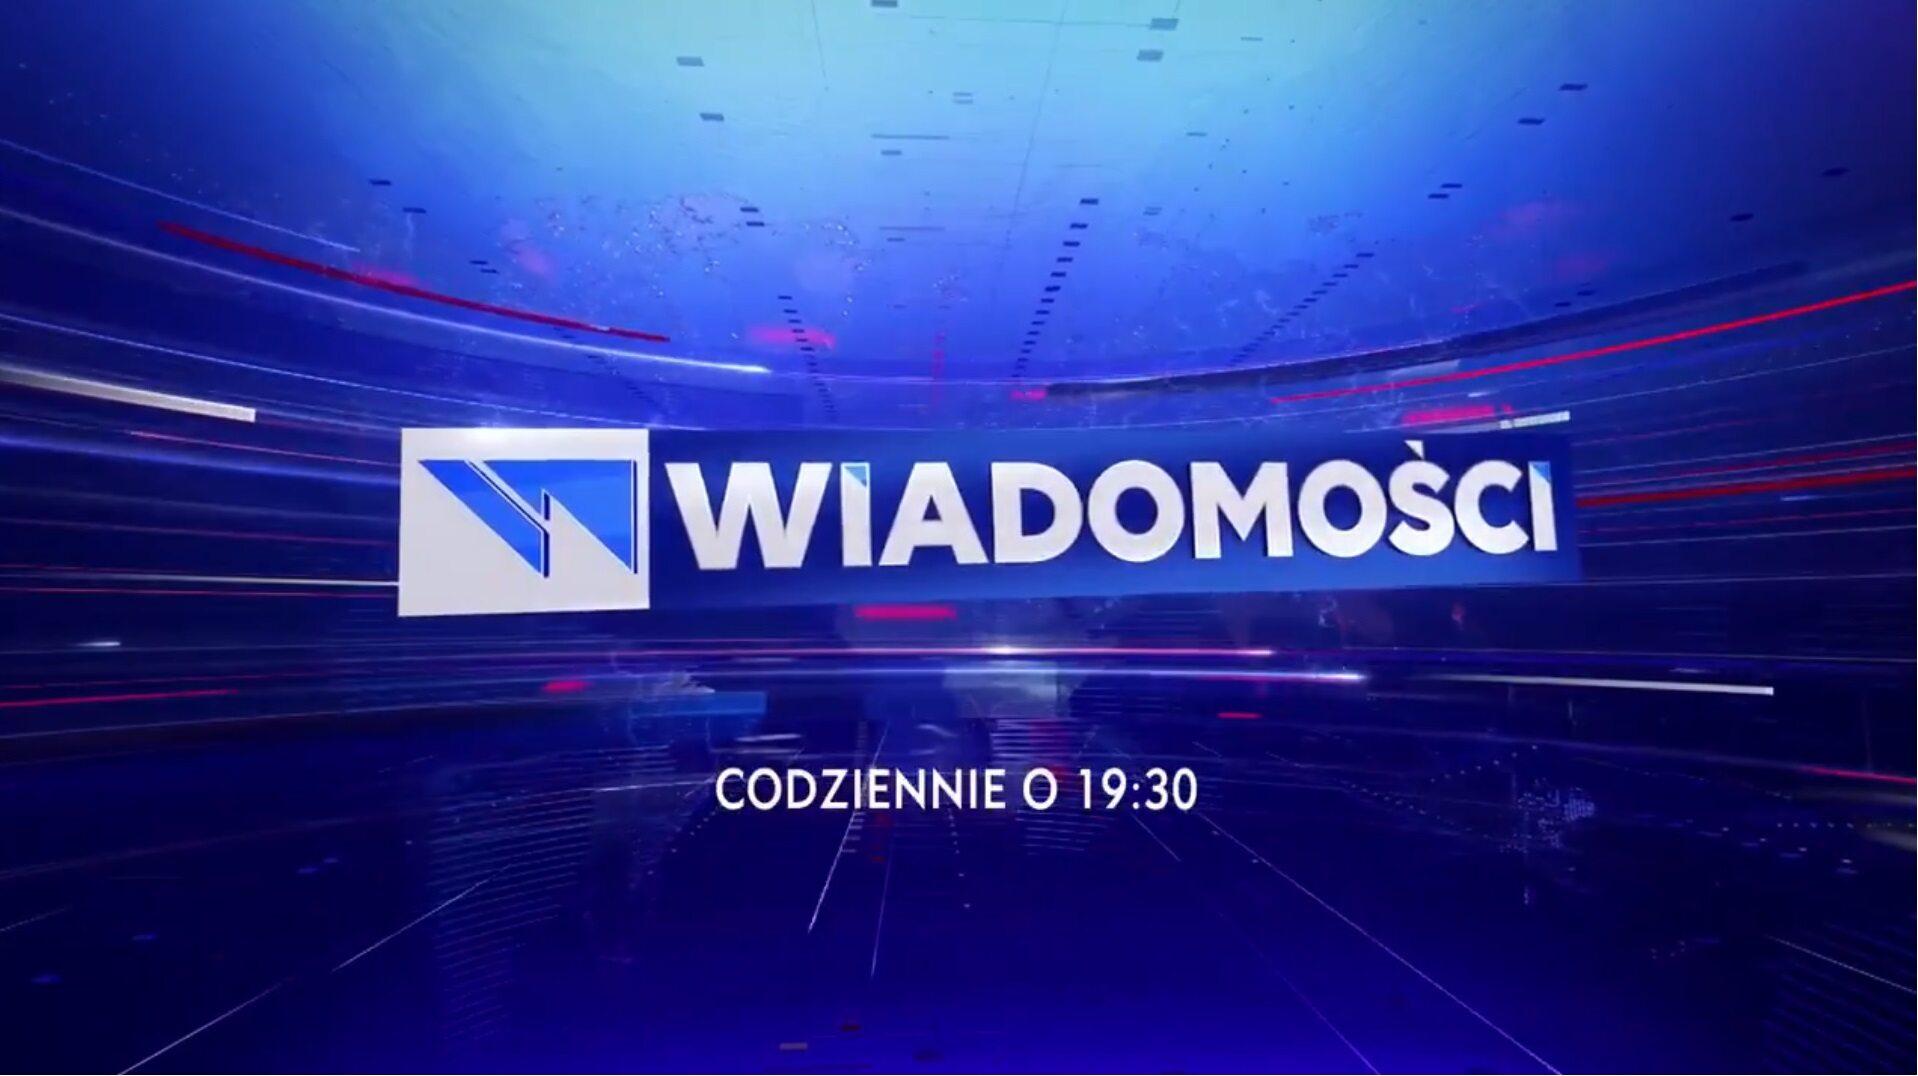 """Nowe logo """"Wiadomości"""" TVP"""